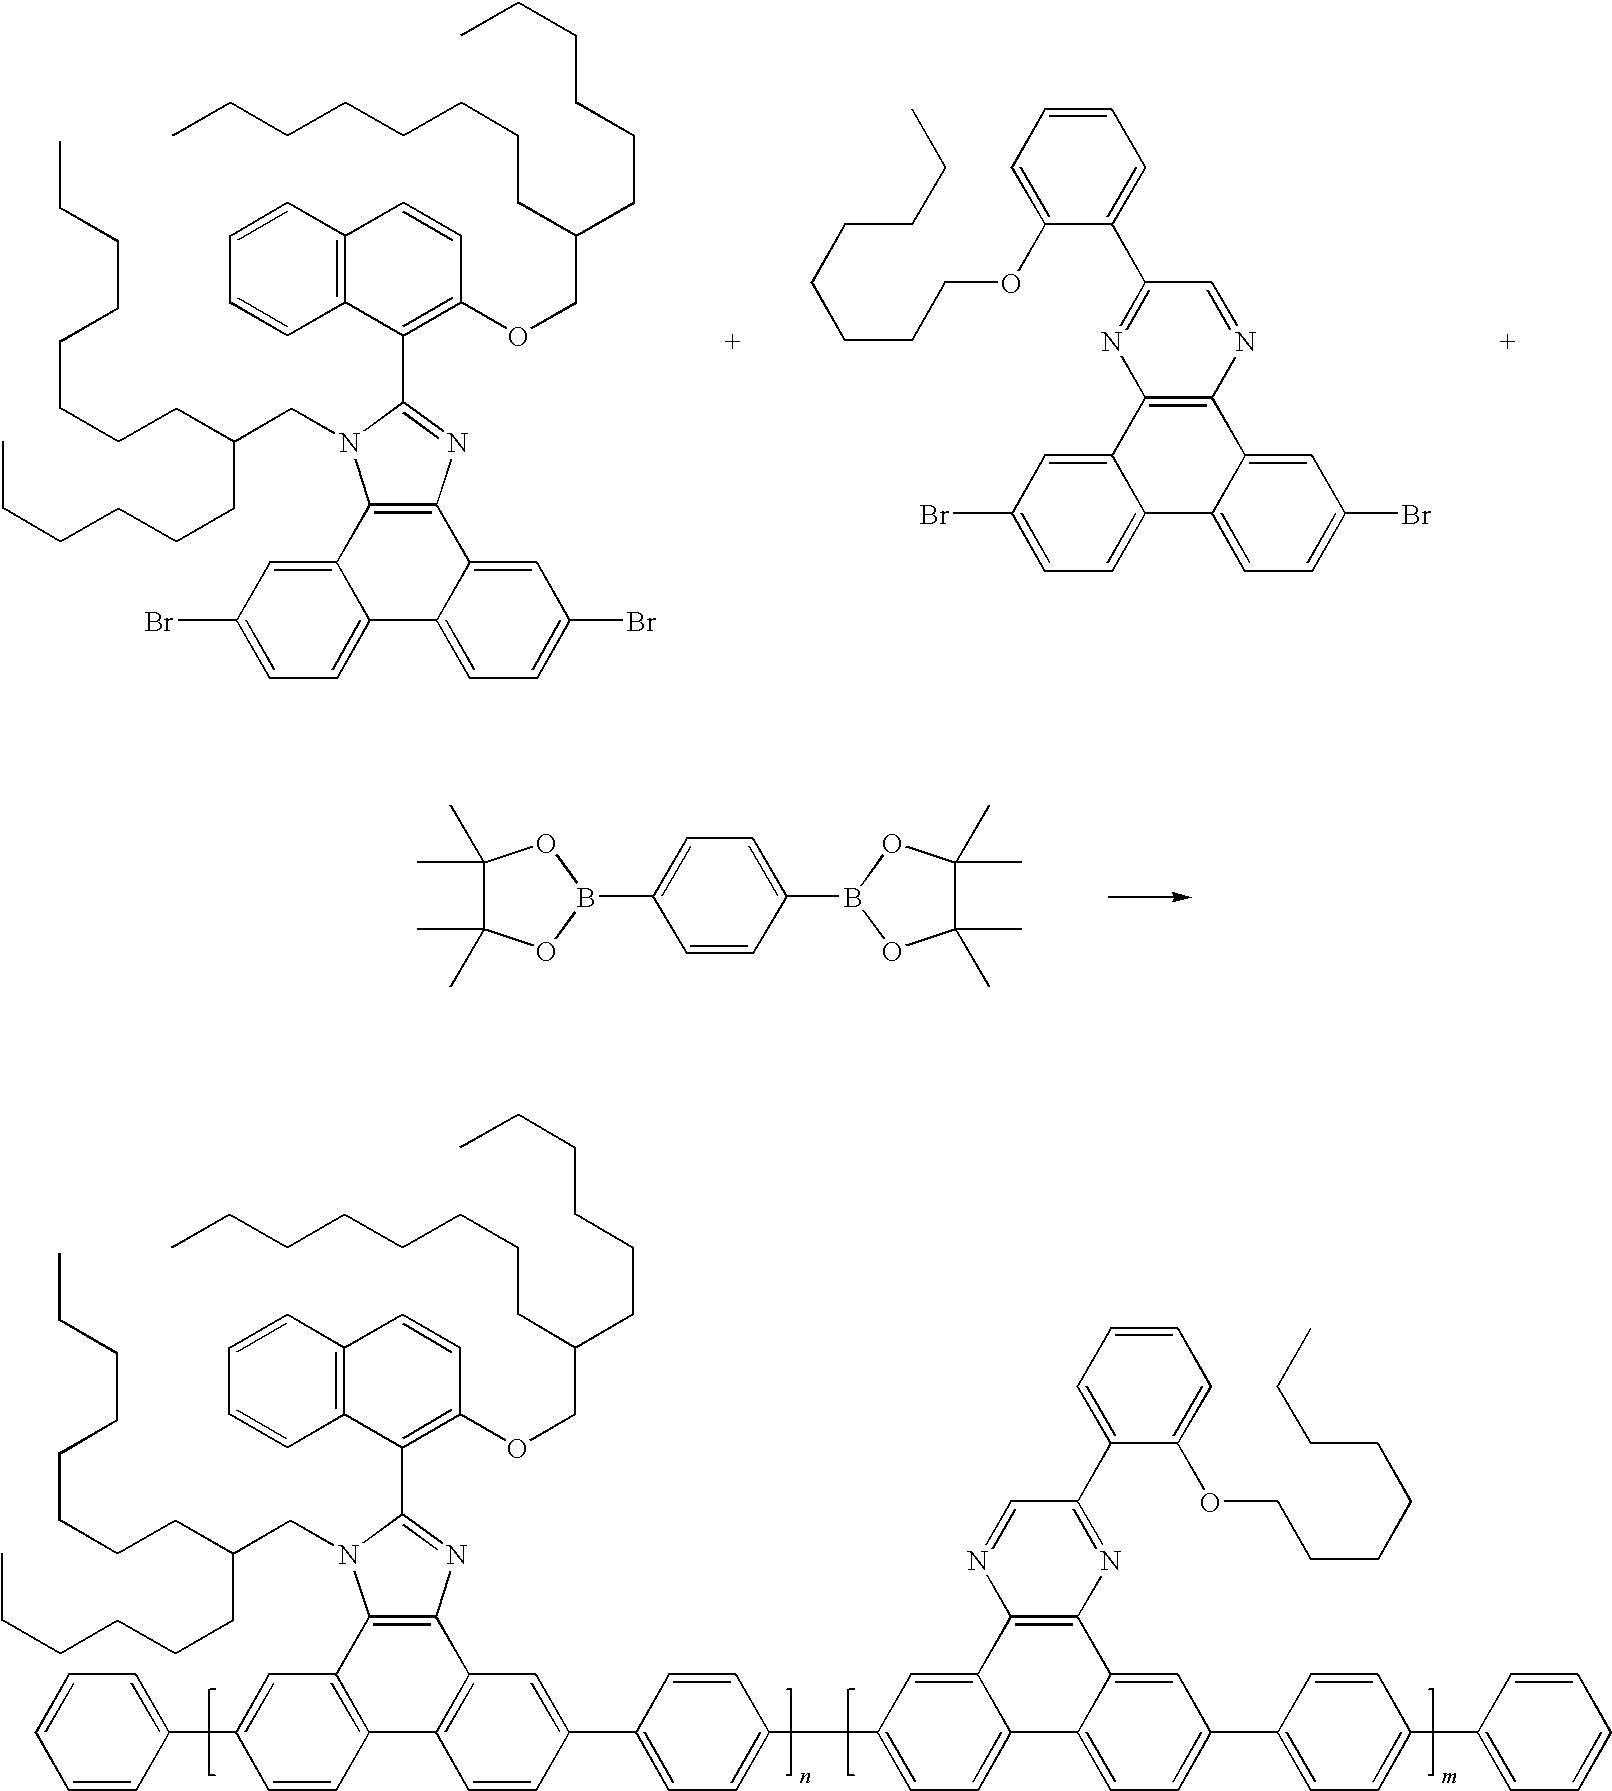 Figure US20090105447A1-20090423-C00236